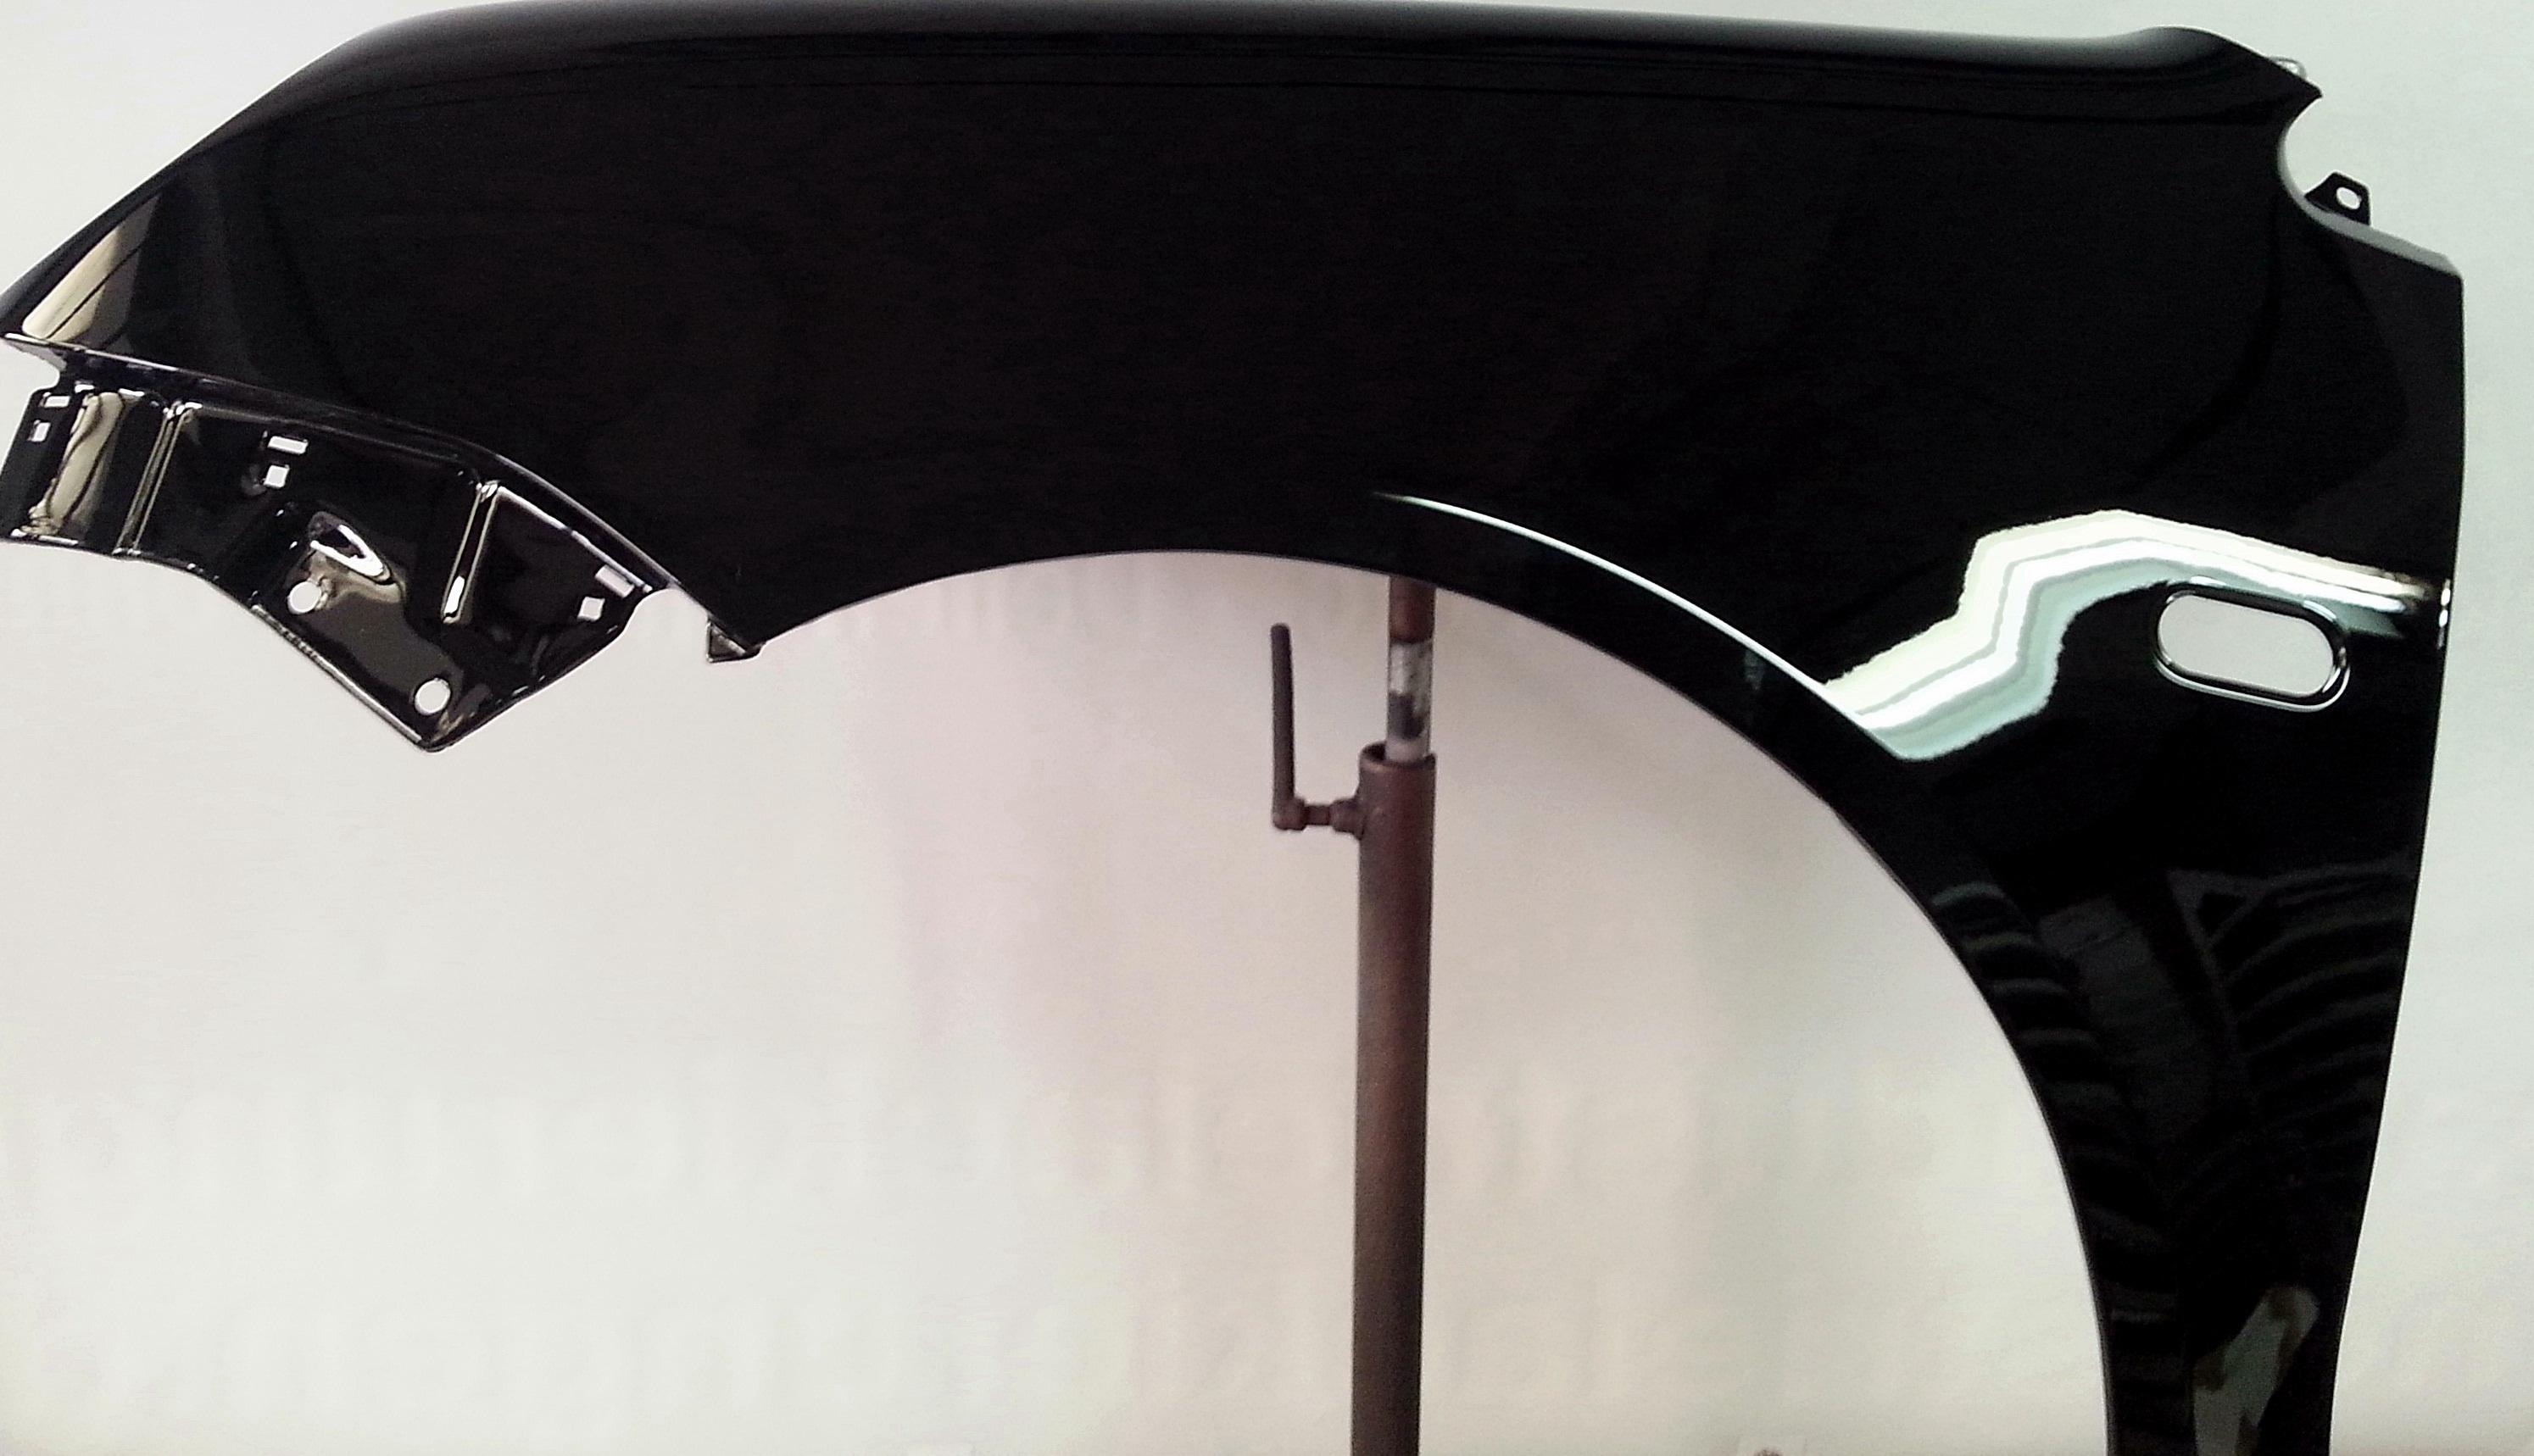 kotfl gel vw polo neu lackiert vorn links farbcode l041. Black Bedroom Furniture Sets. Home Design Ideas